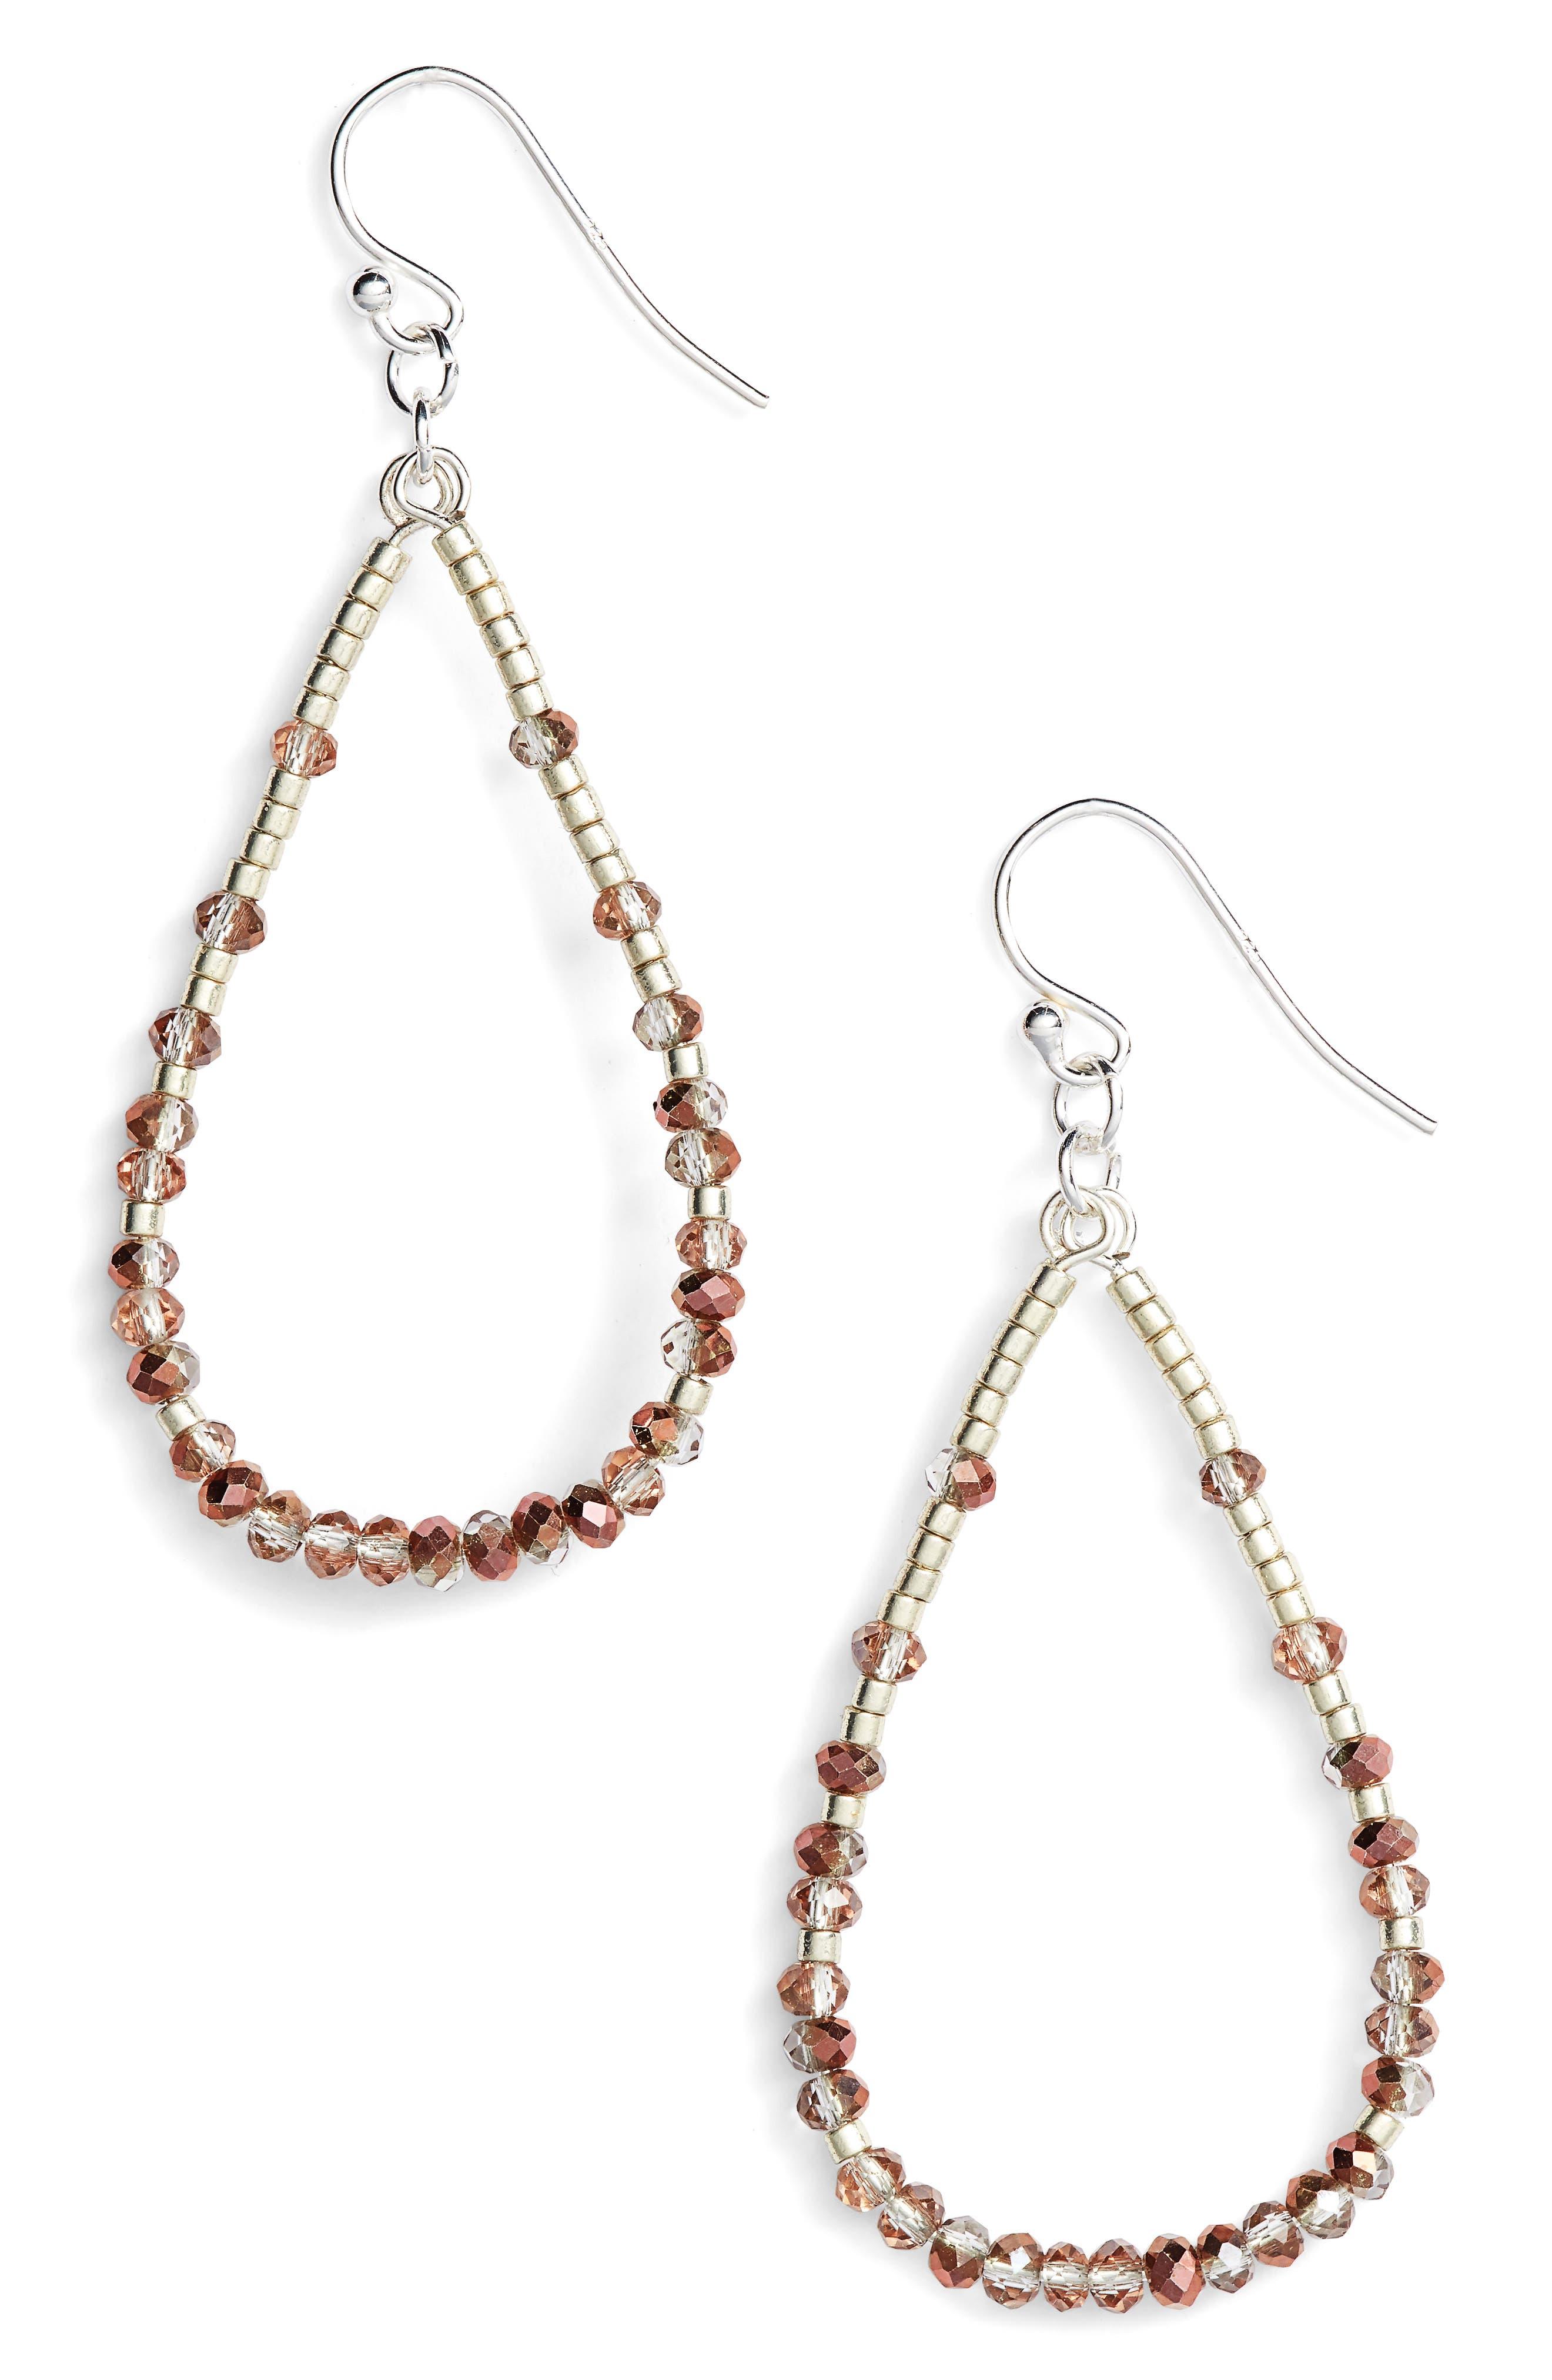 Crystal Hoop Earrings,                             Main thumbnail 1, color,                             Copper Crystal